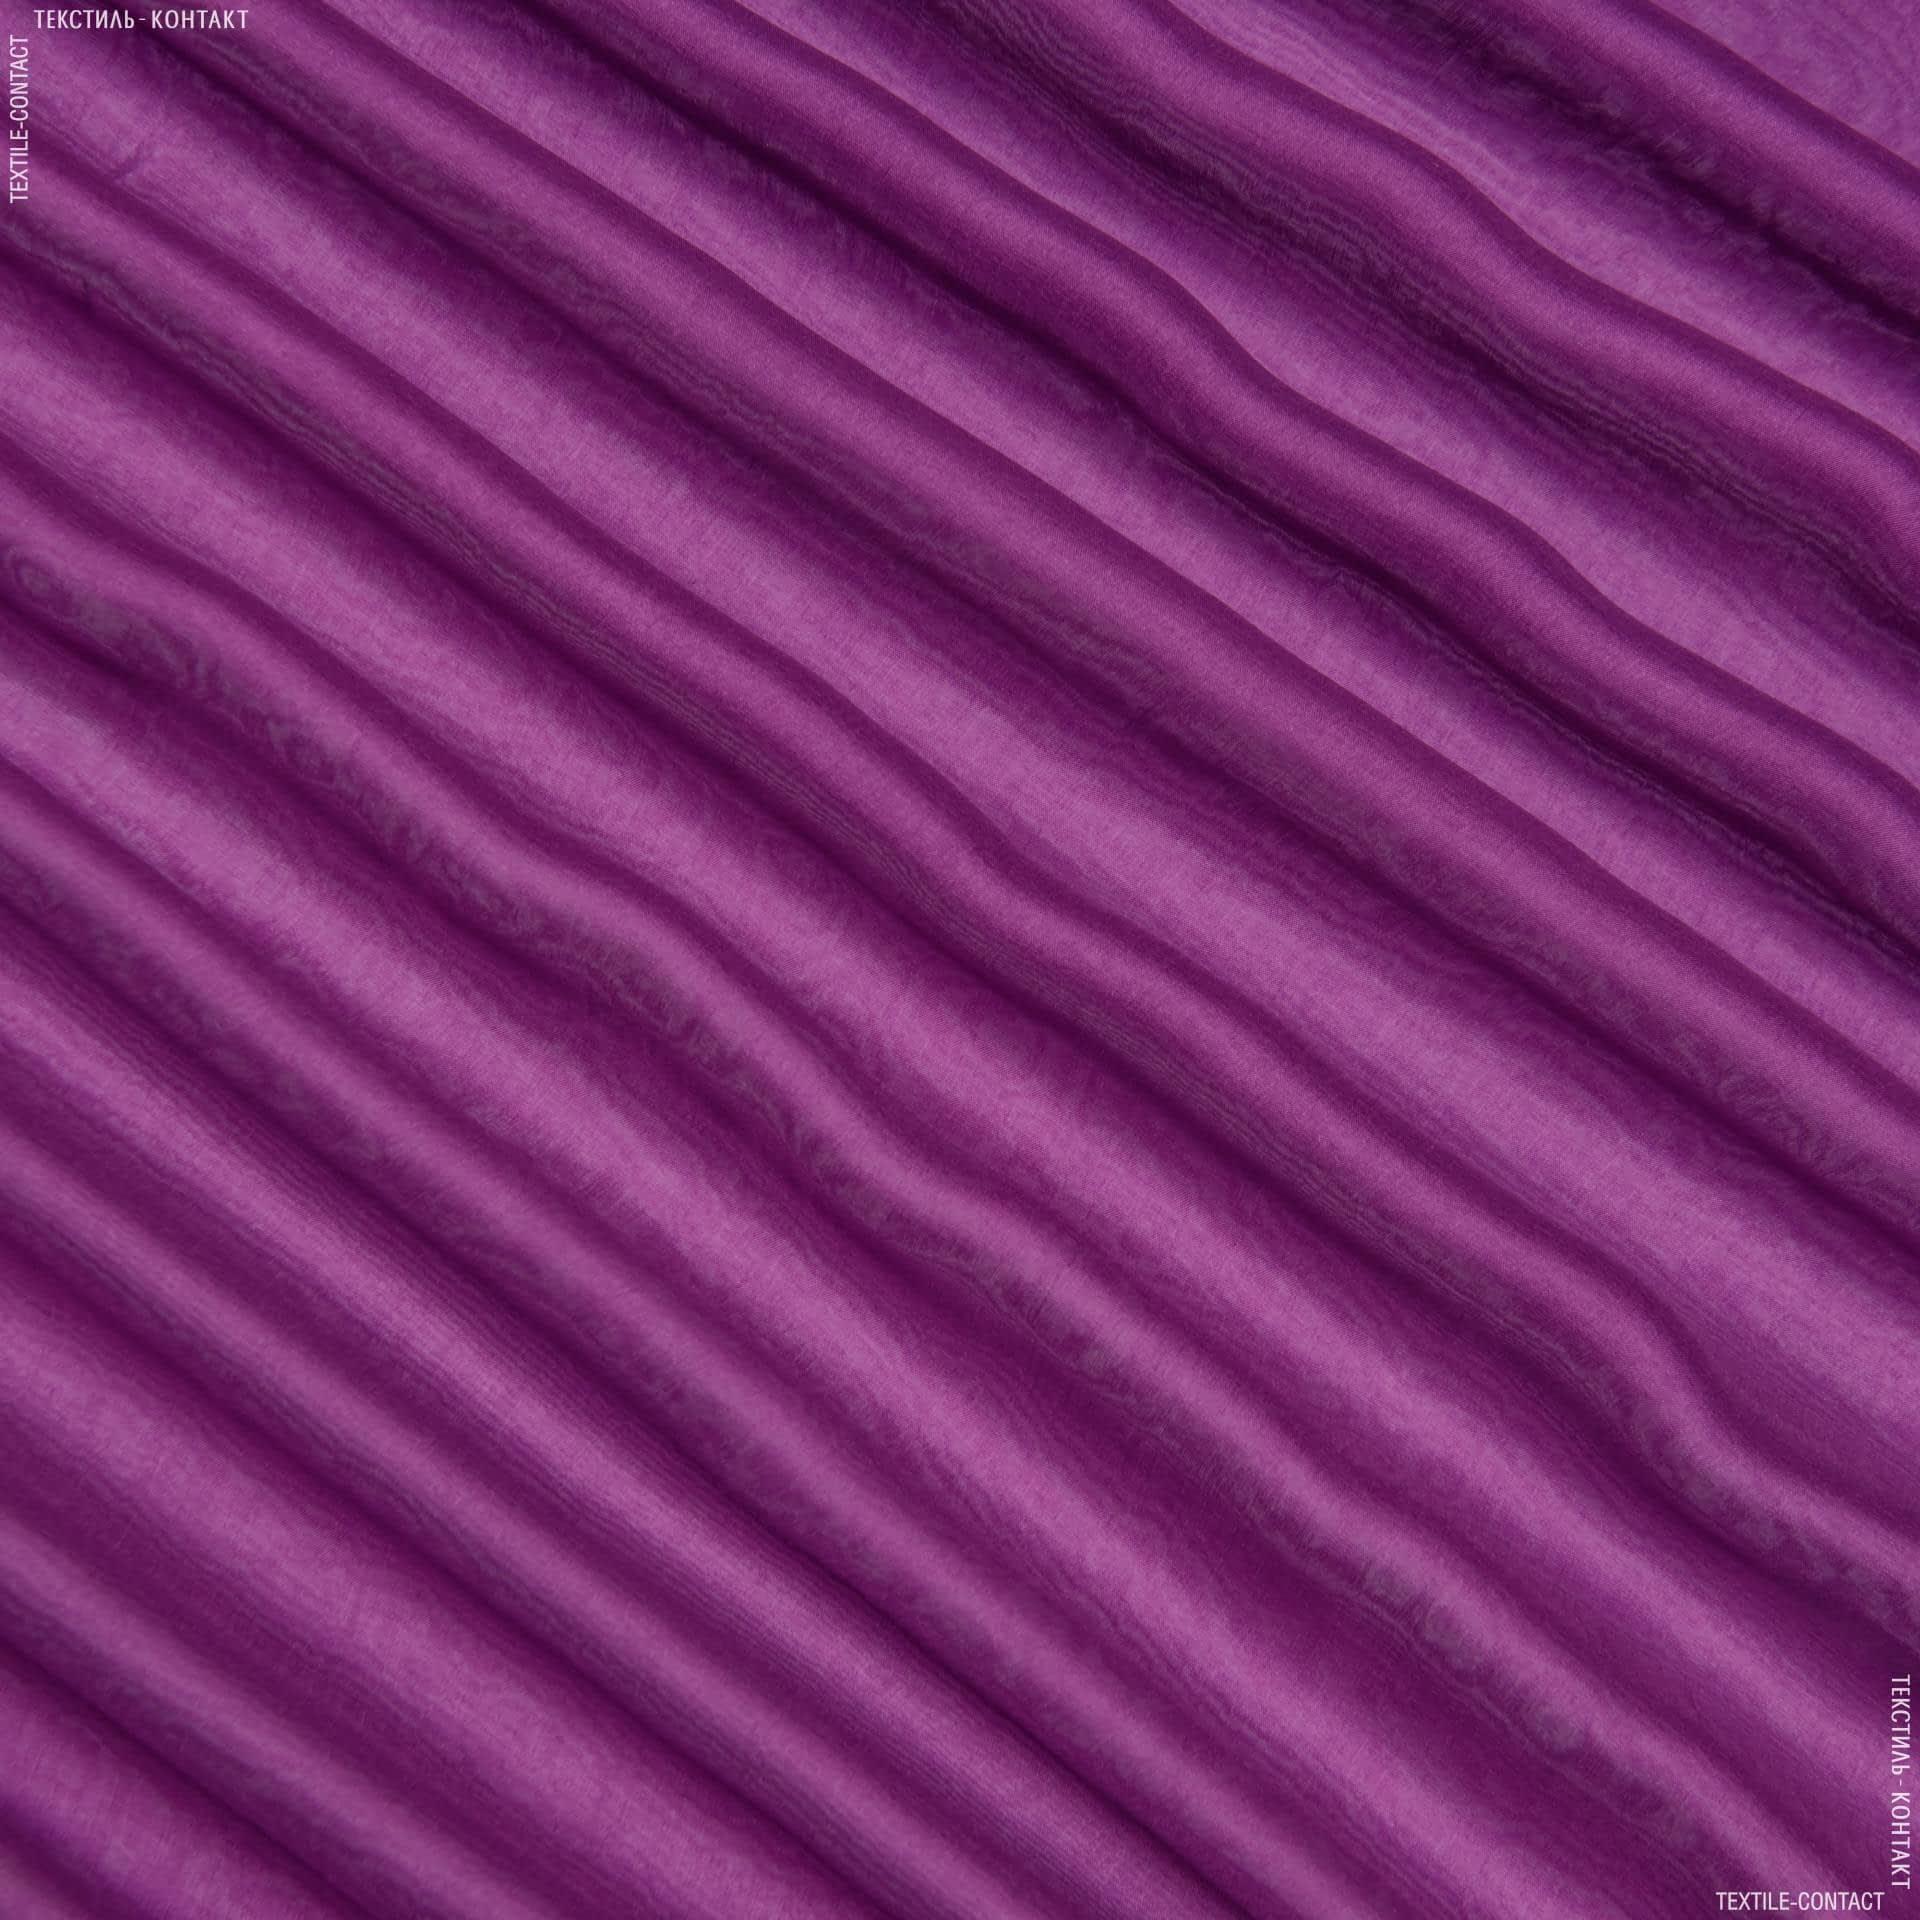 Ткани для платков и бандан - Шифон-шелк натуральный фиолетовый